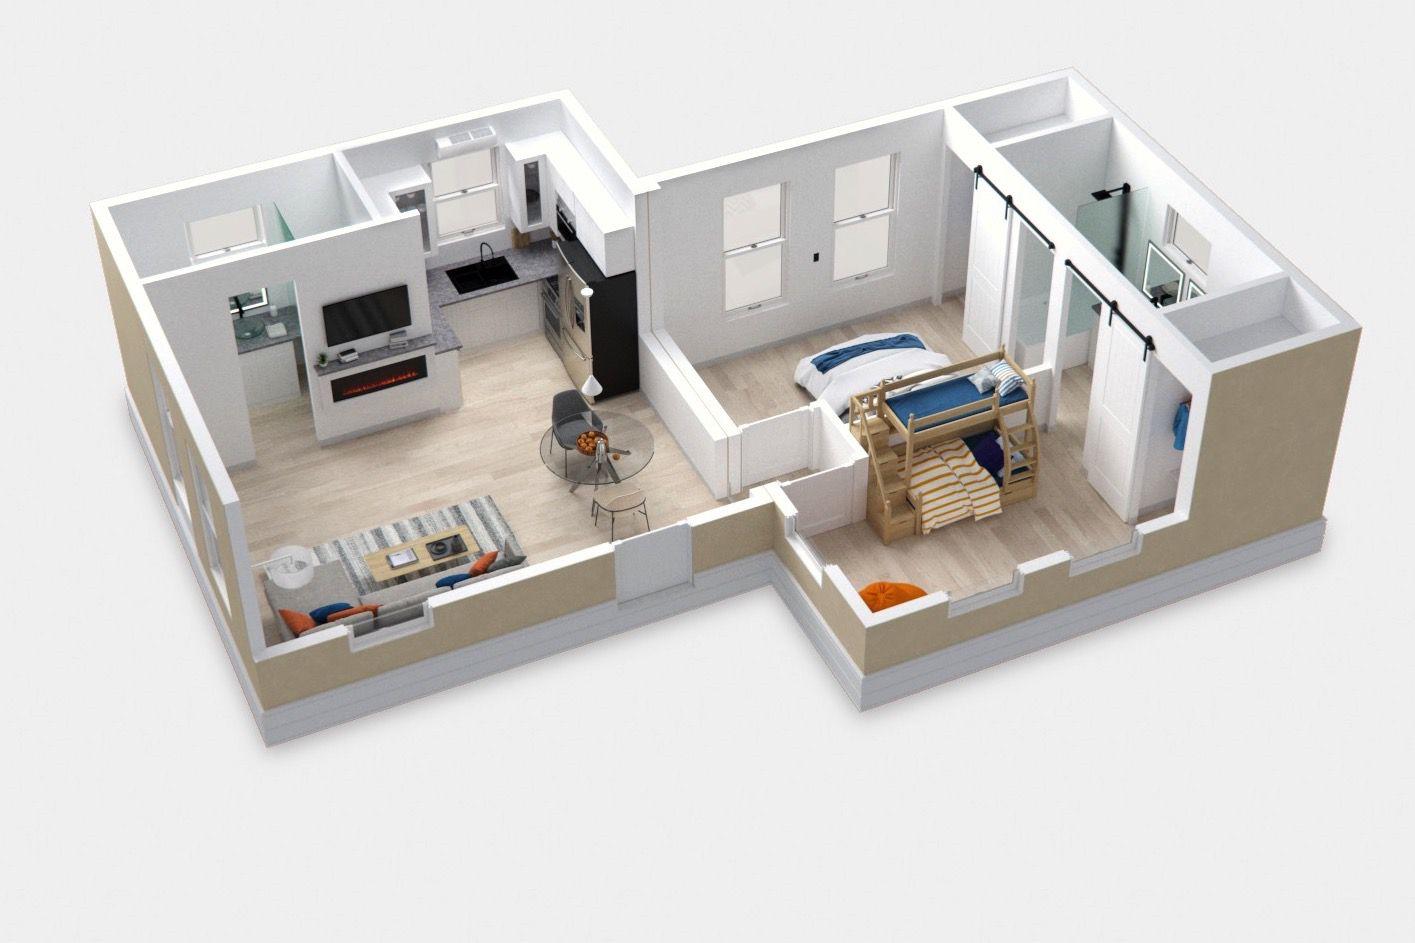 2 bedroom plan